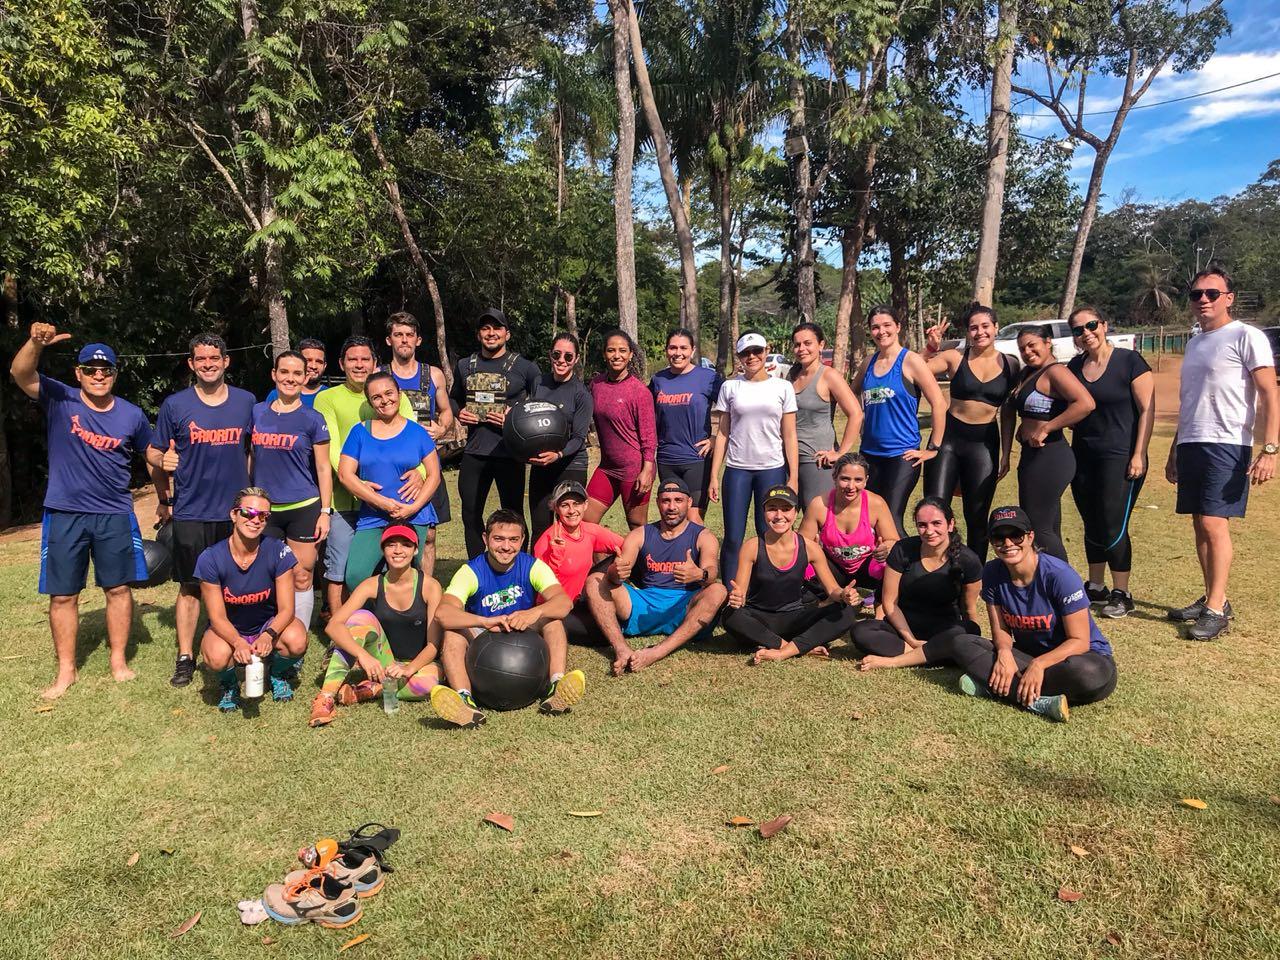 Atletas e alunos de centros de treinamento físico de Palmas superam limites em corrida de aventura em meio à natureza